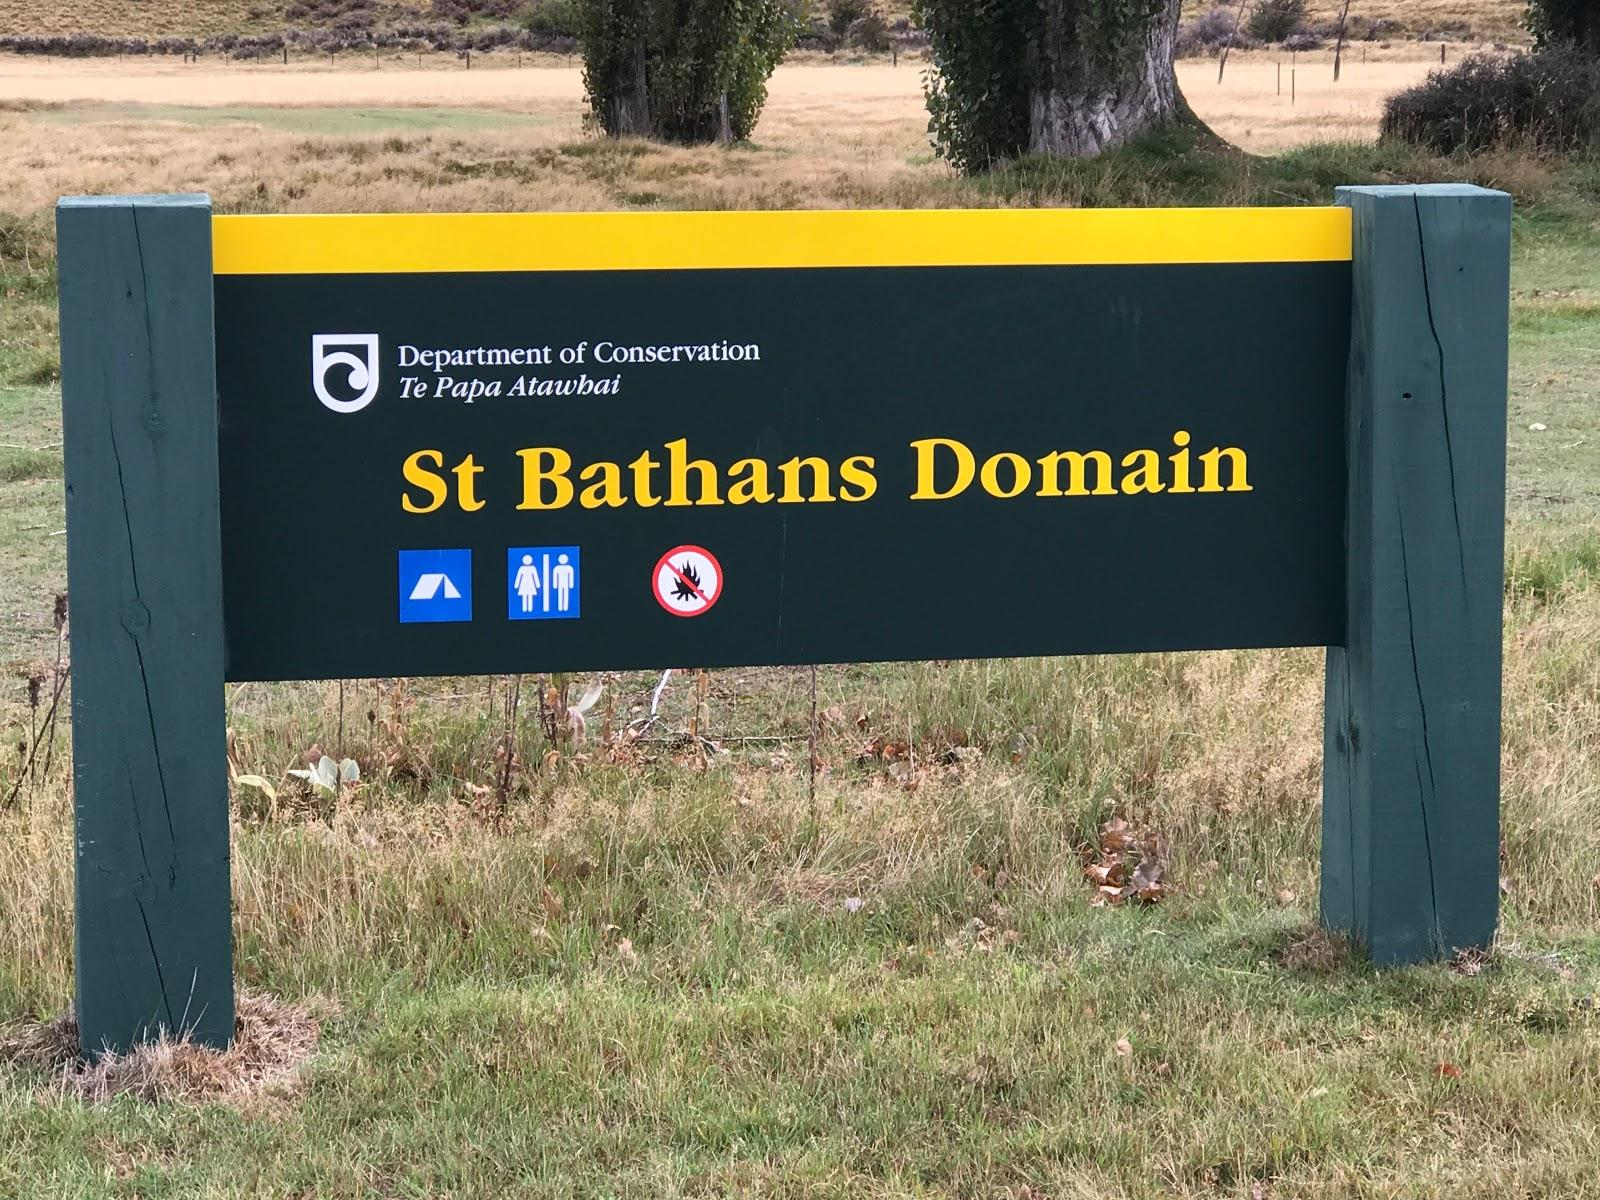 St Bathans Domain Campsite